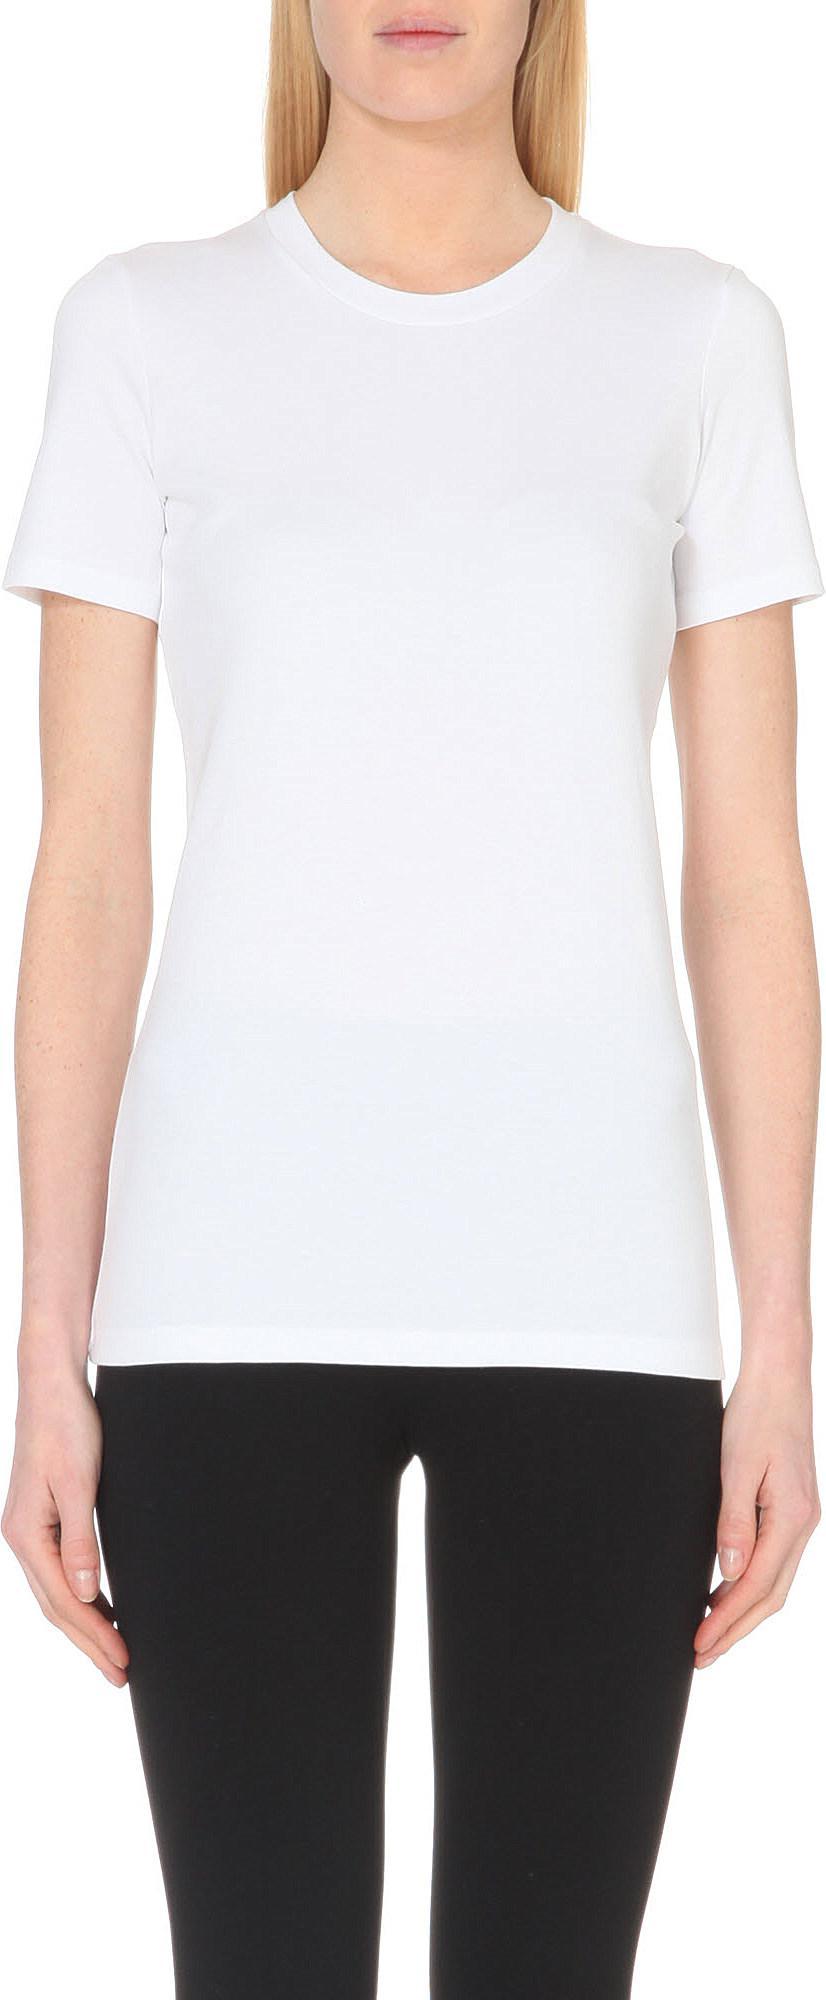 THEORY T-shirt Johnna KZq6RM